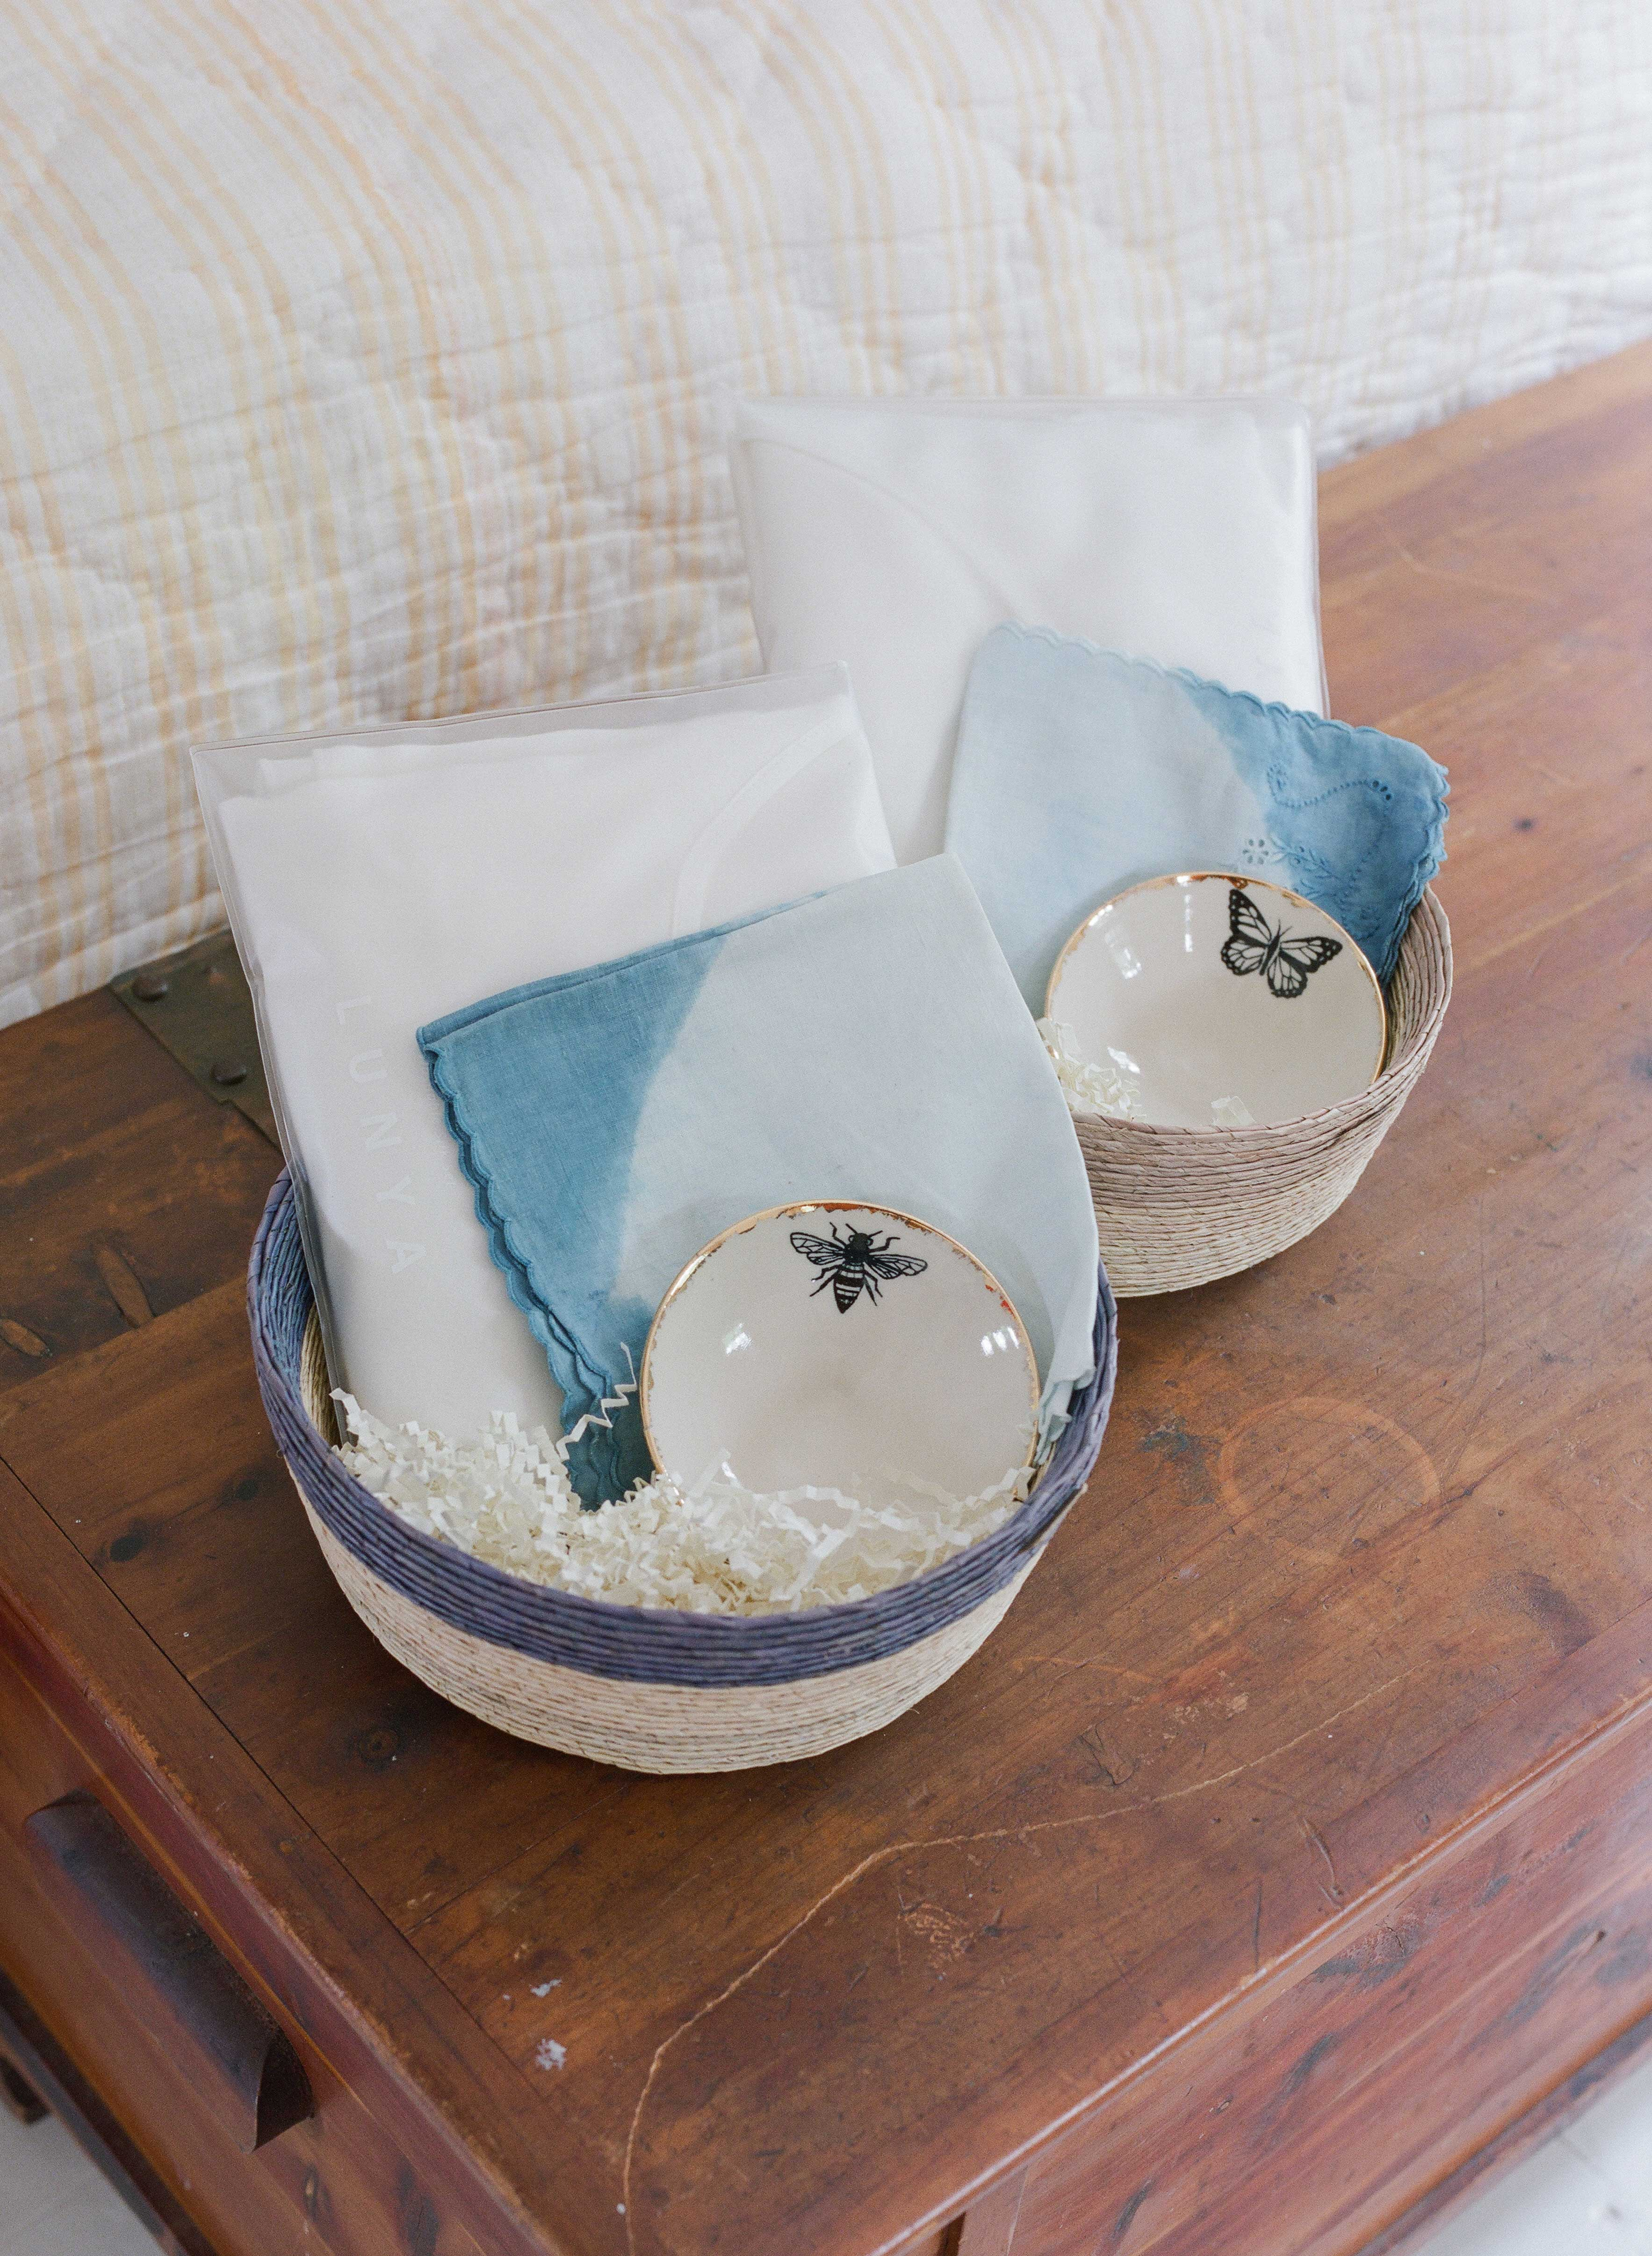 ashley samantha wedding cornwall ny gifts